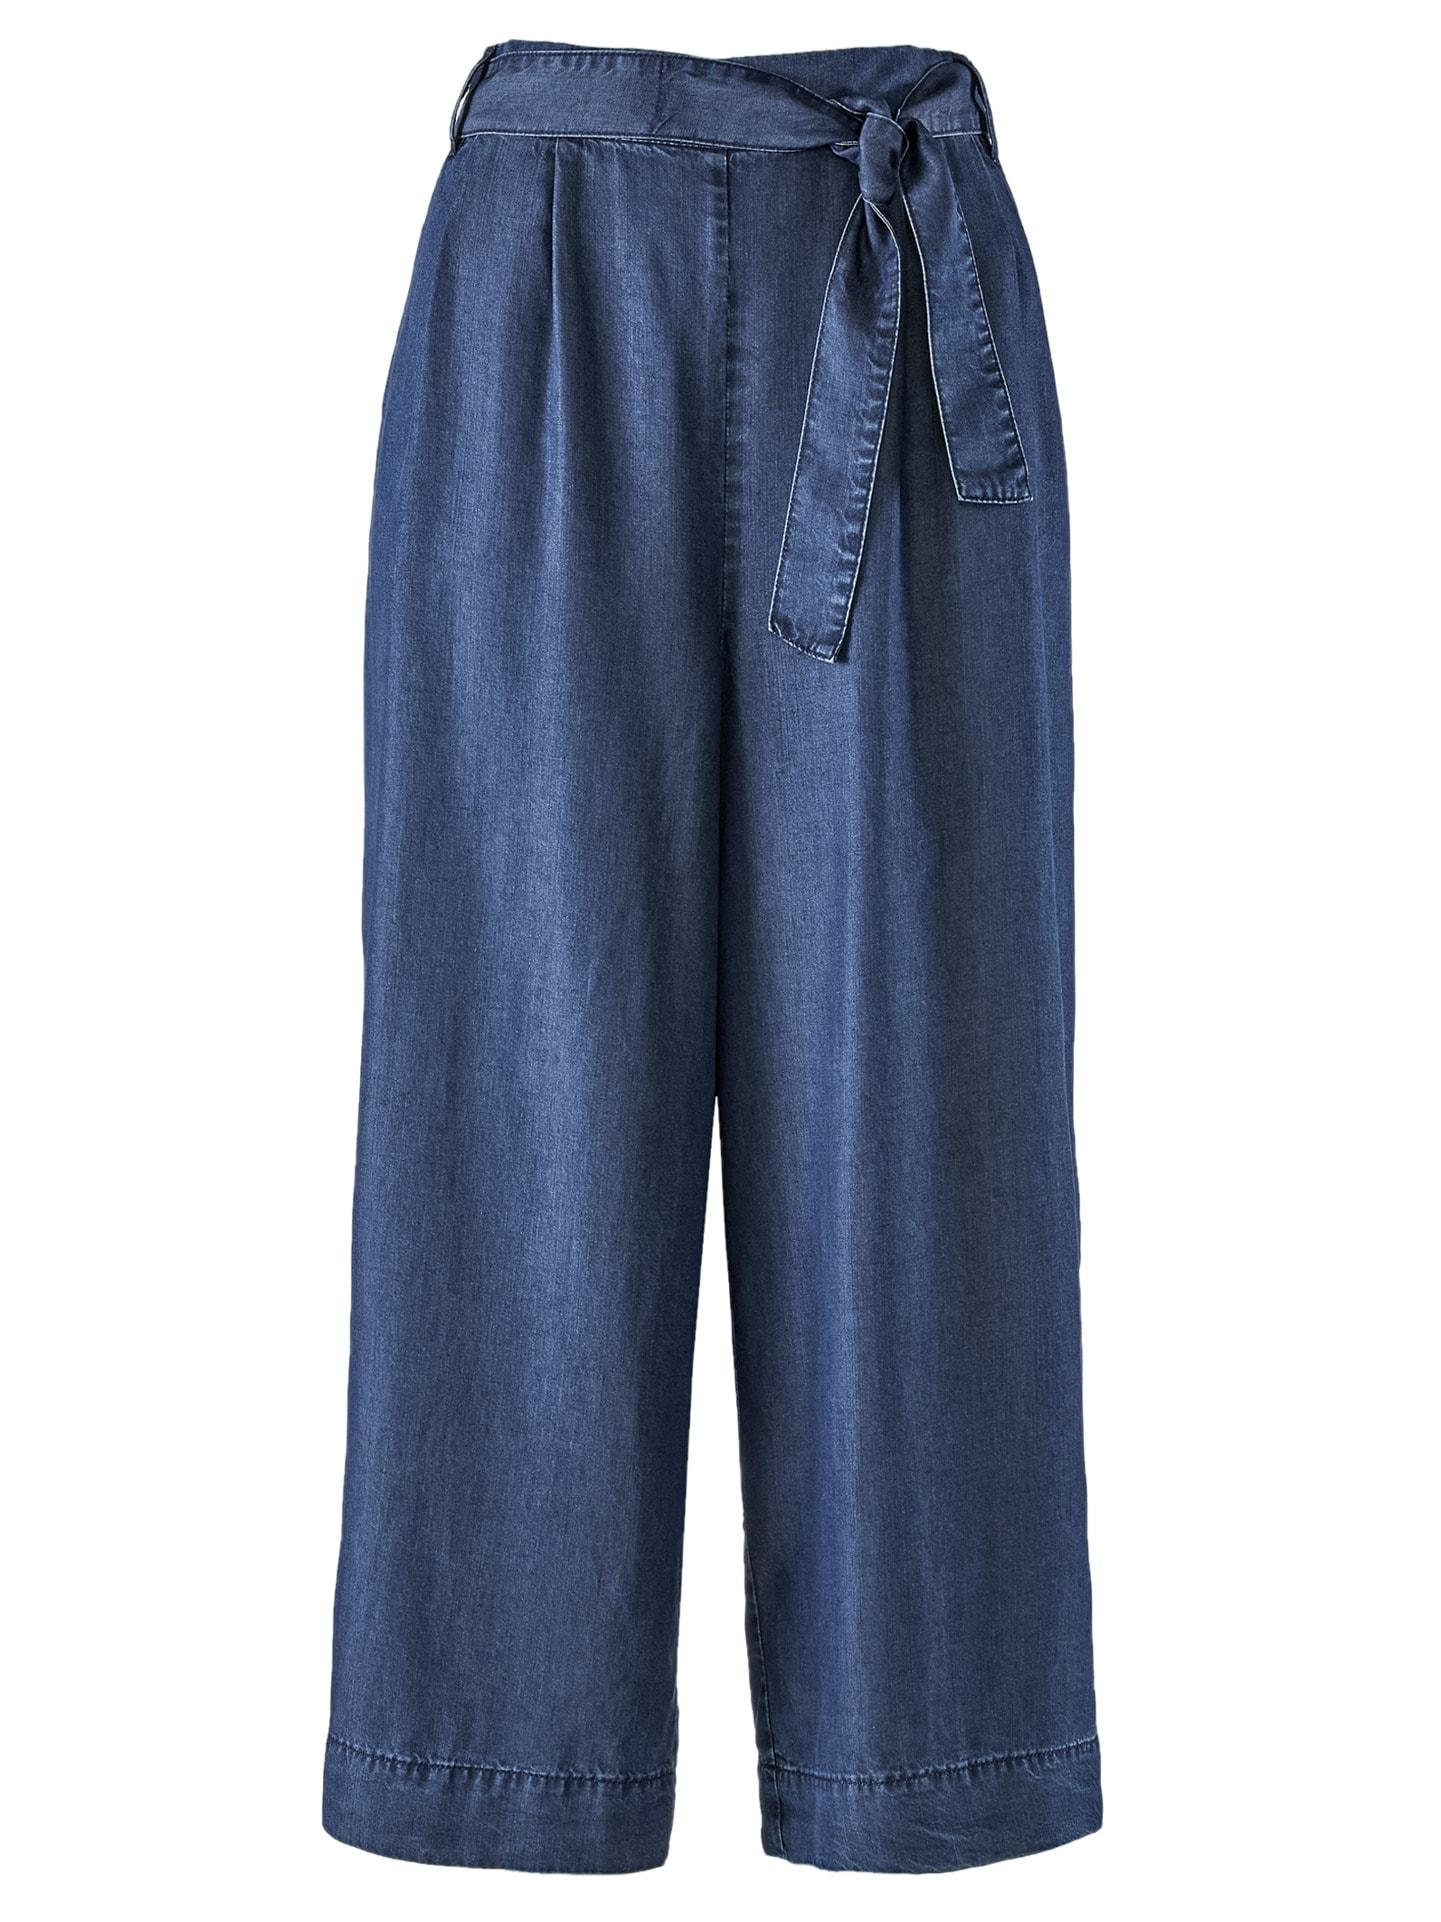 Avena Damen Hosenrock Soft-Denim Blau 44-5122-8